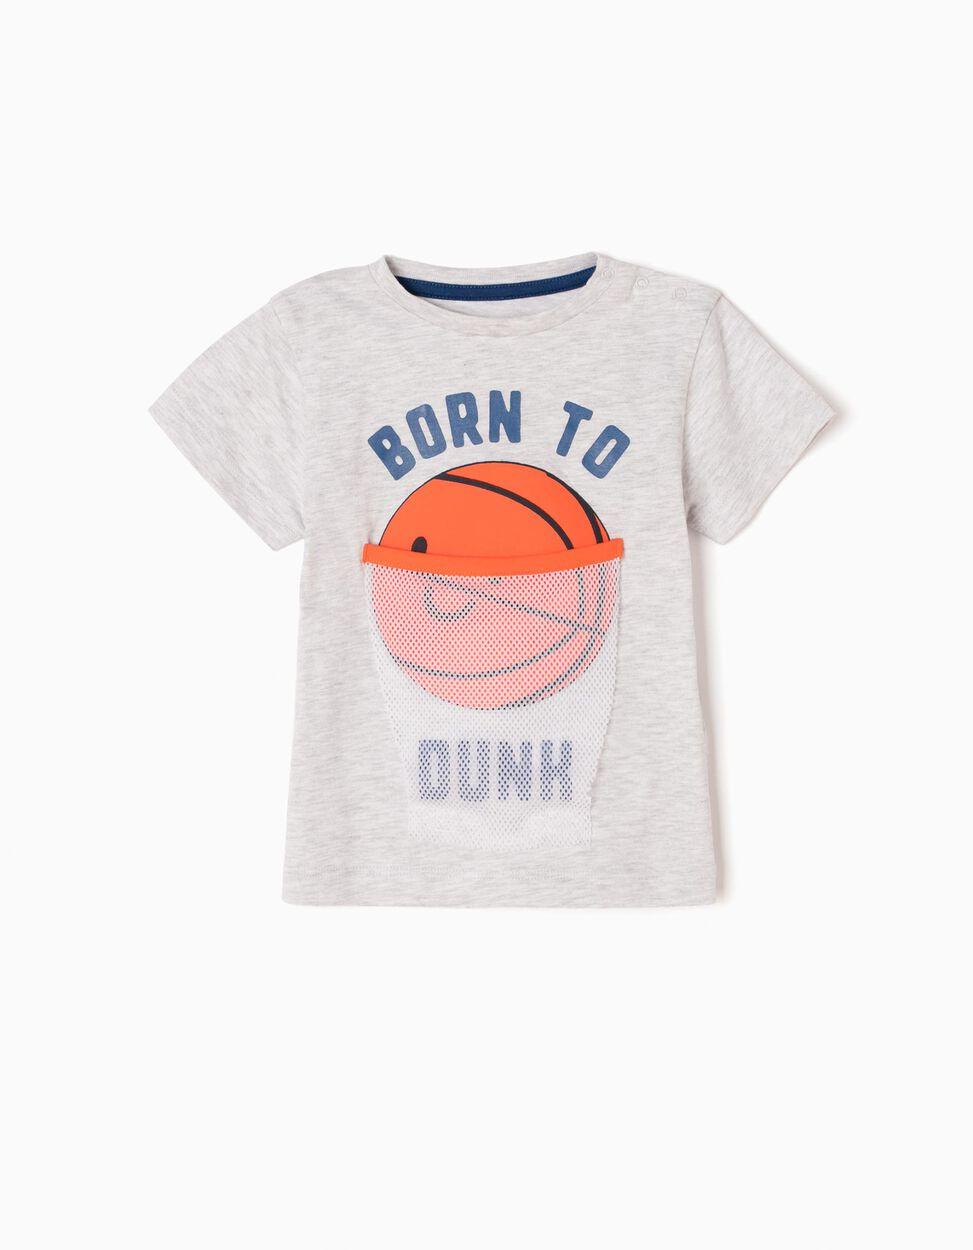 Camiseta Estampada Born To Dunk